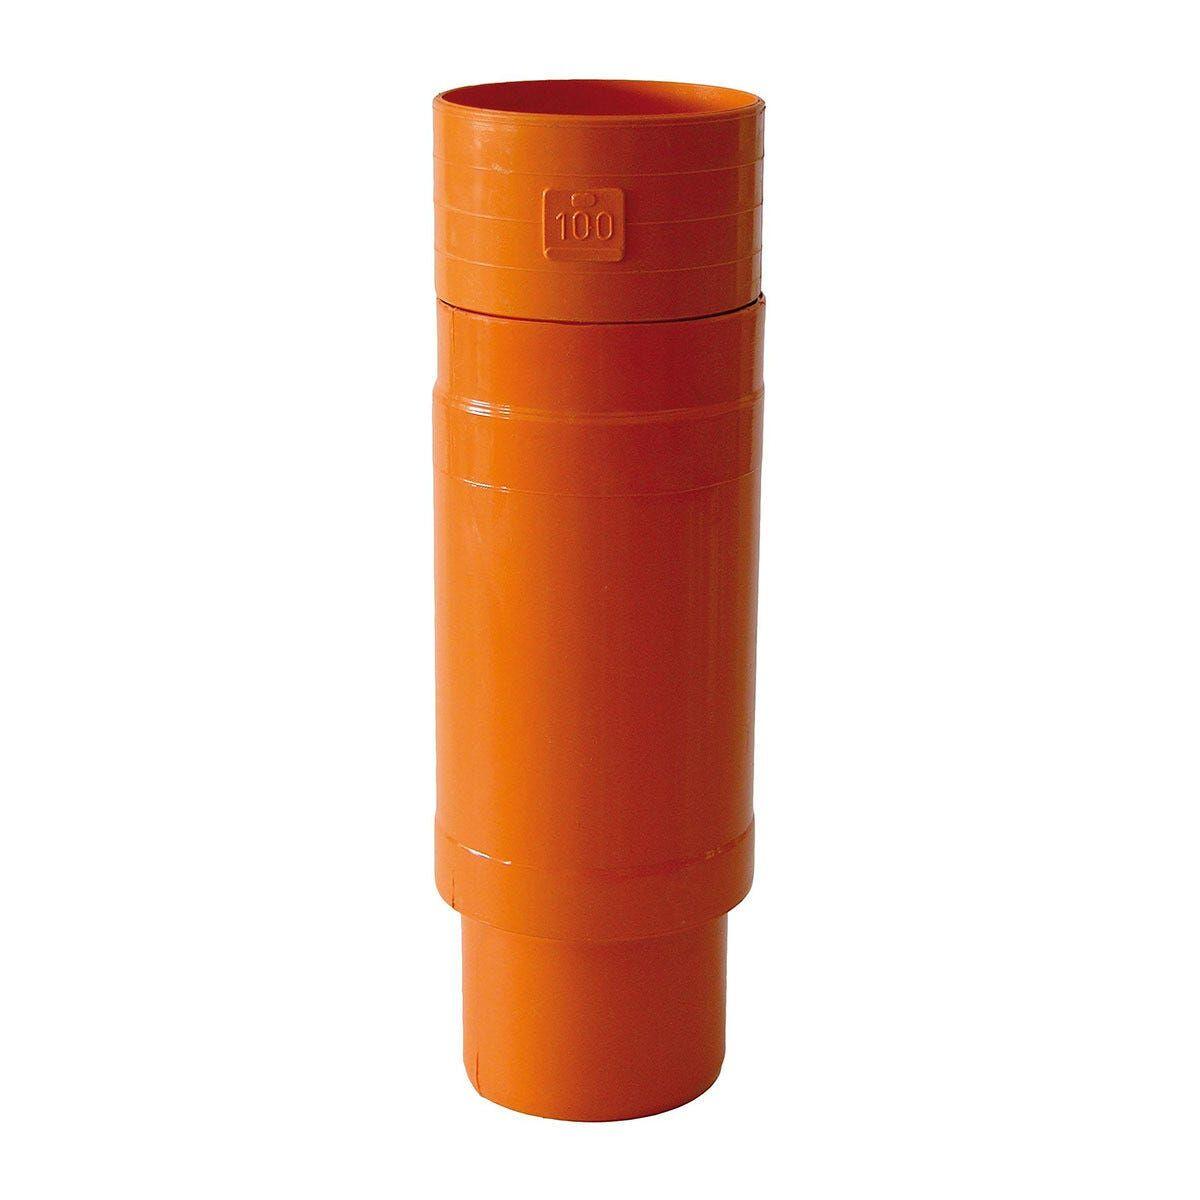 giunto riparazione Ø 125 mm pvc arancio 1 pezzo